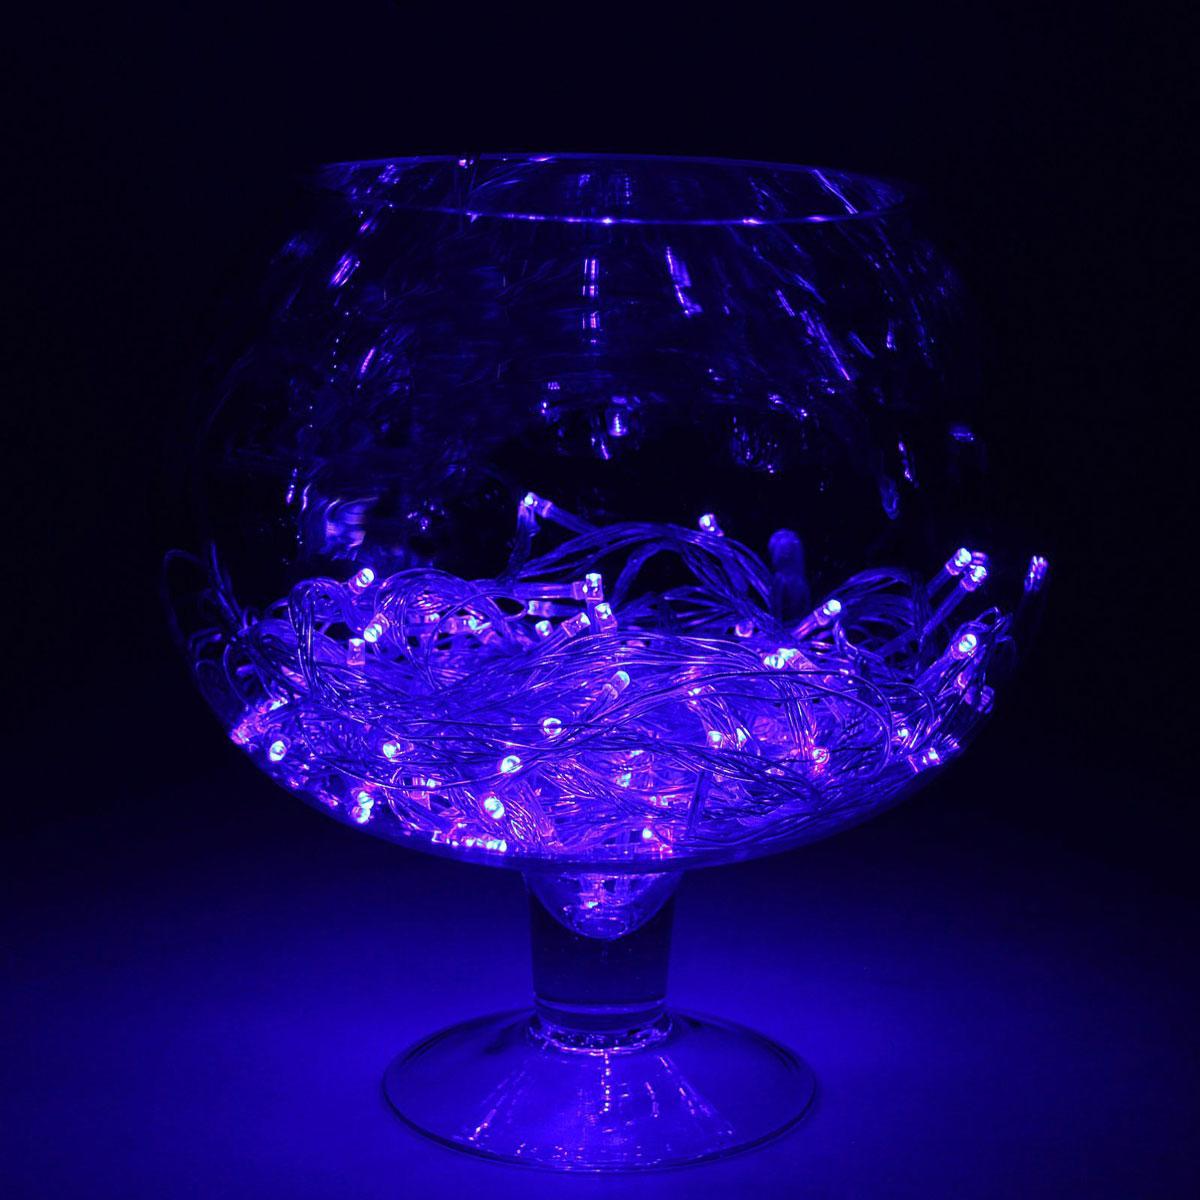 Гирлянда светодиодная Luazon Метраж, цвет: синий, 180 ламп, 8 режимов, 220 V, длина 15 м. 1585784 гирлянда luazon дождь 2m 6m multicolor 671678